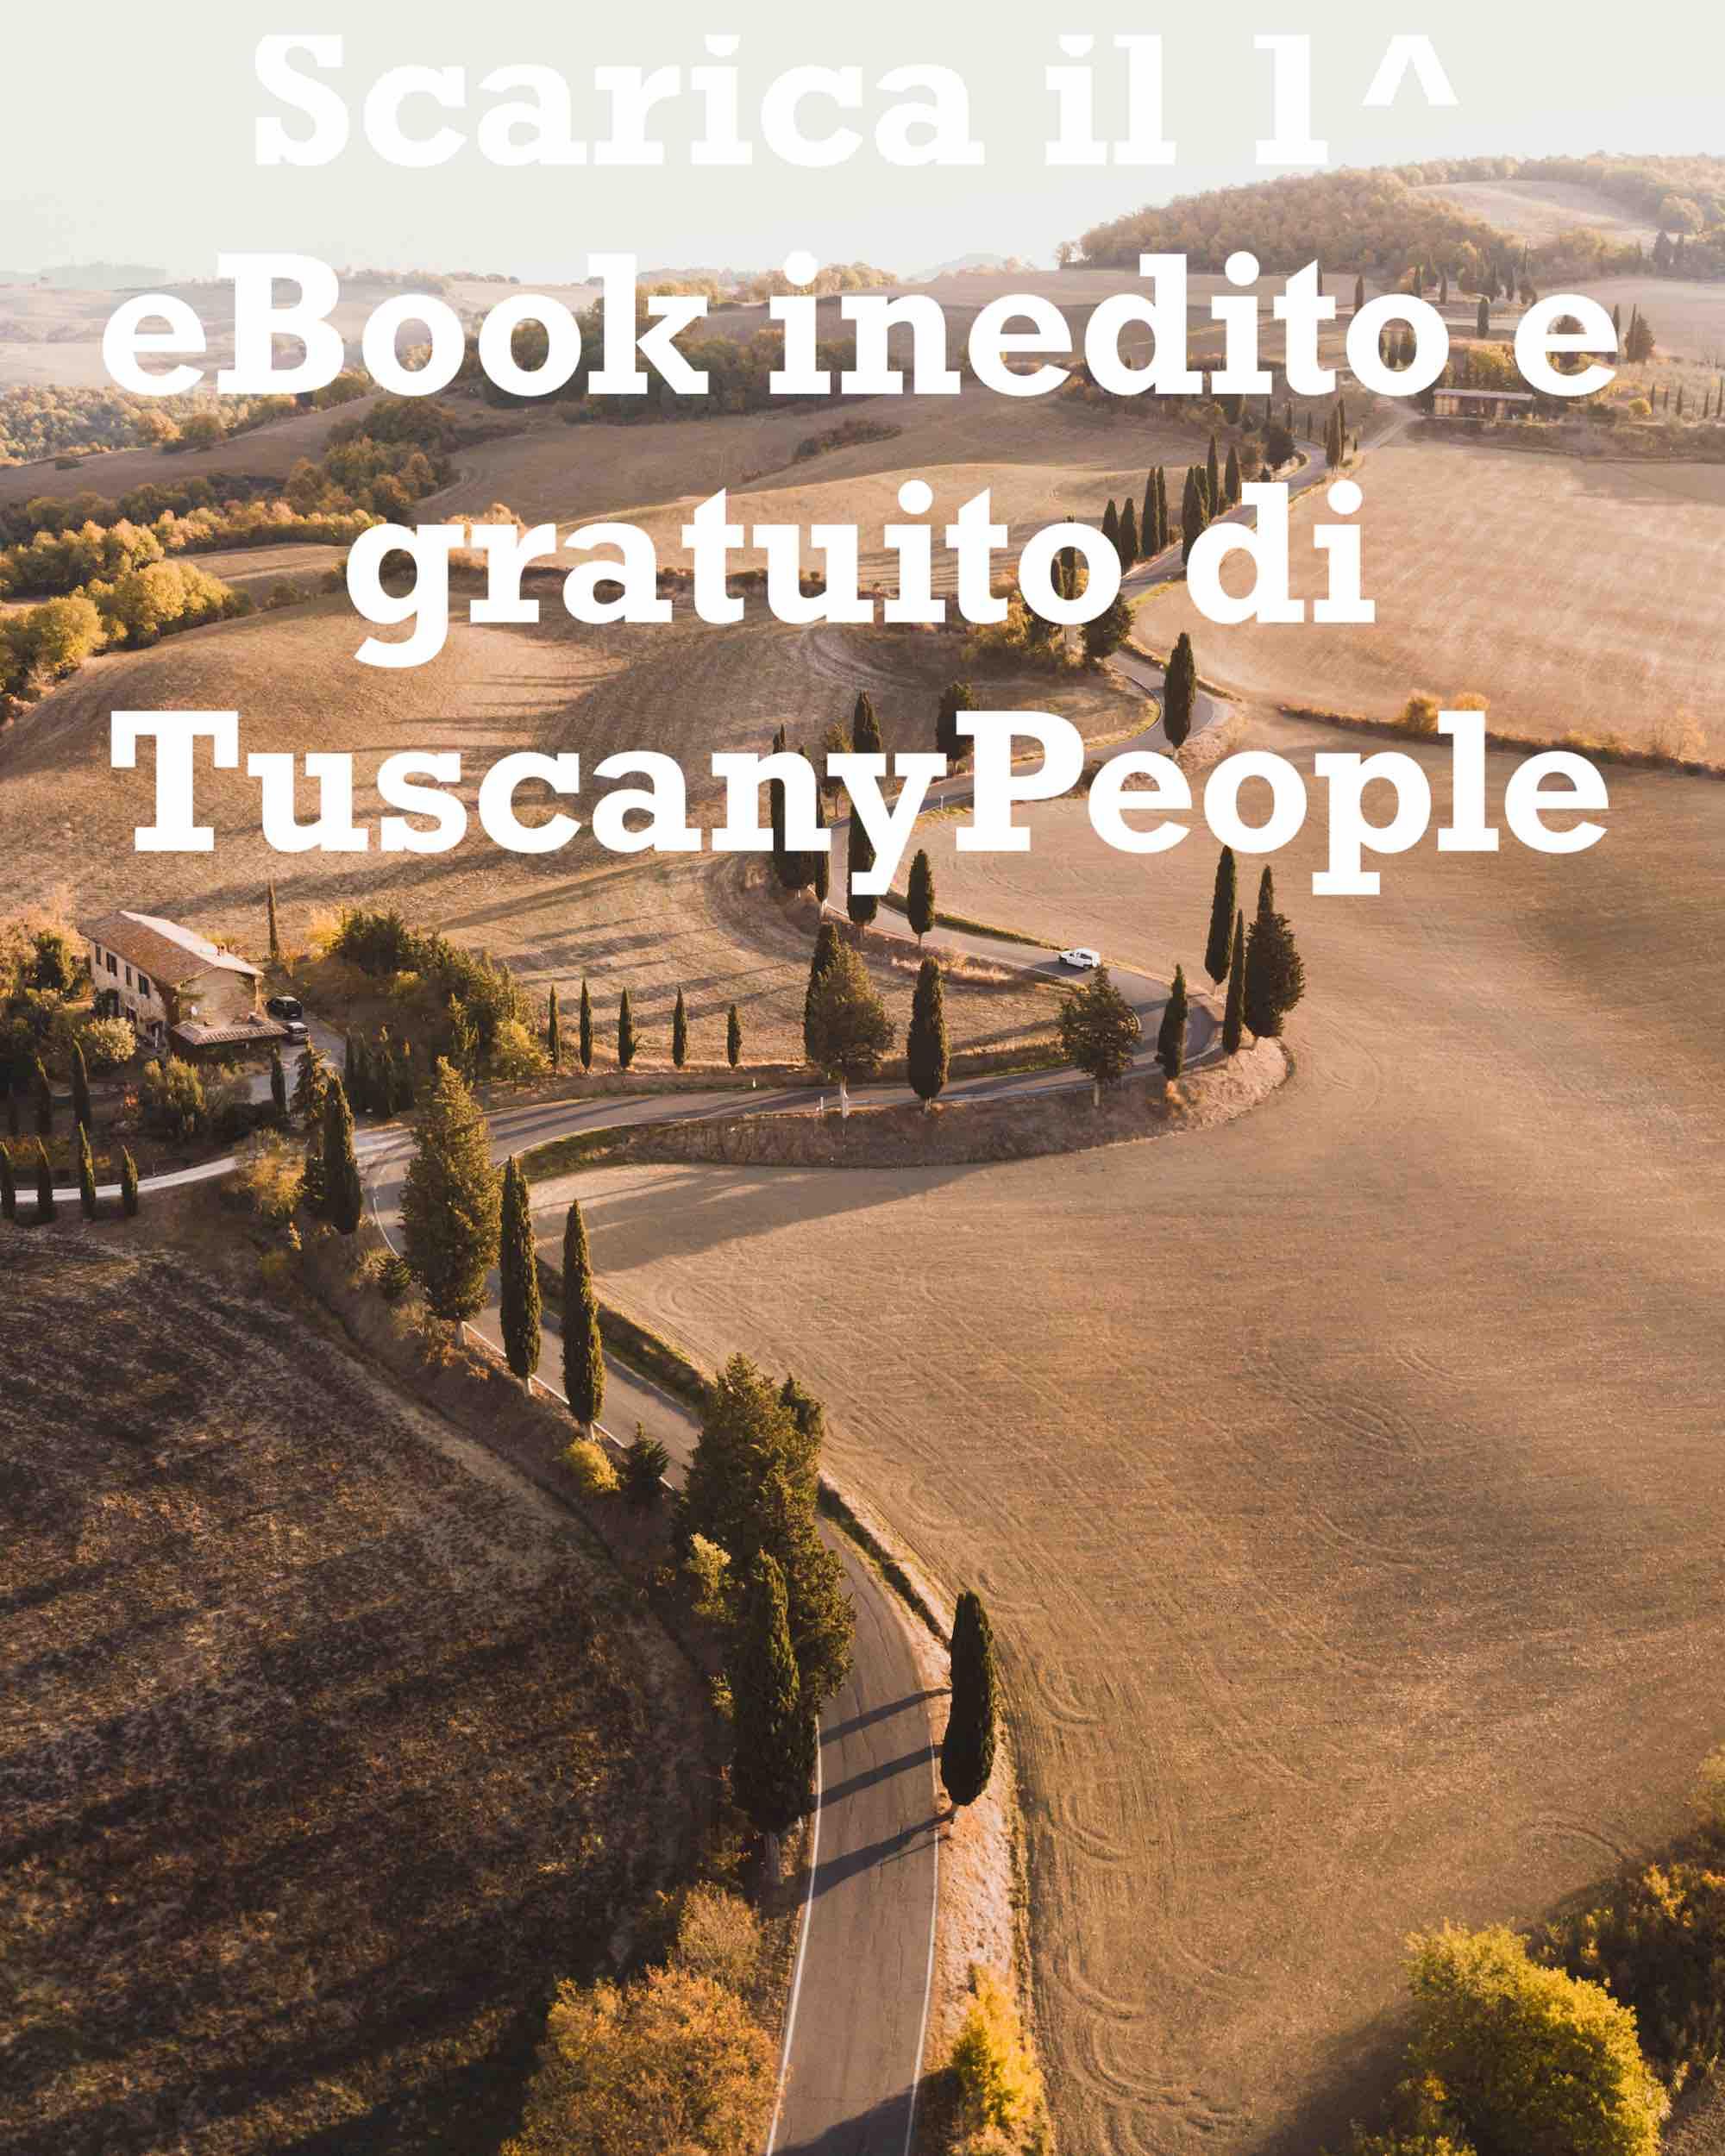 Scarica il 1^ eBook inedito e gratuito di TuscanyPeople